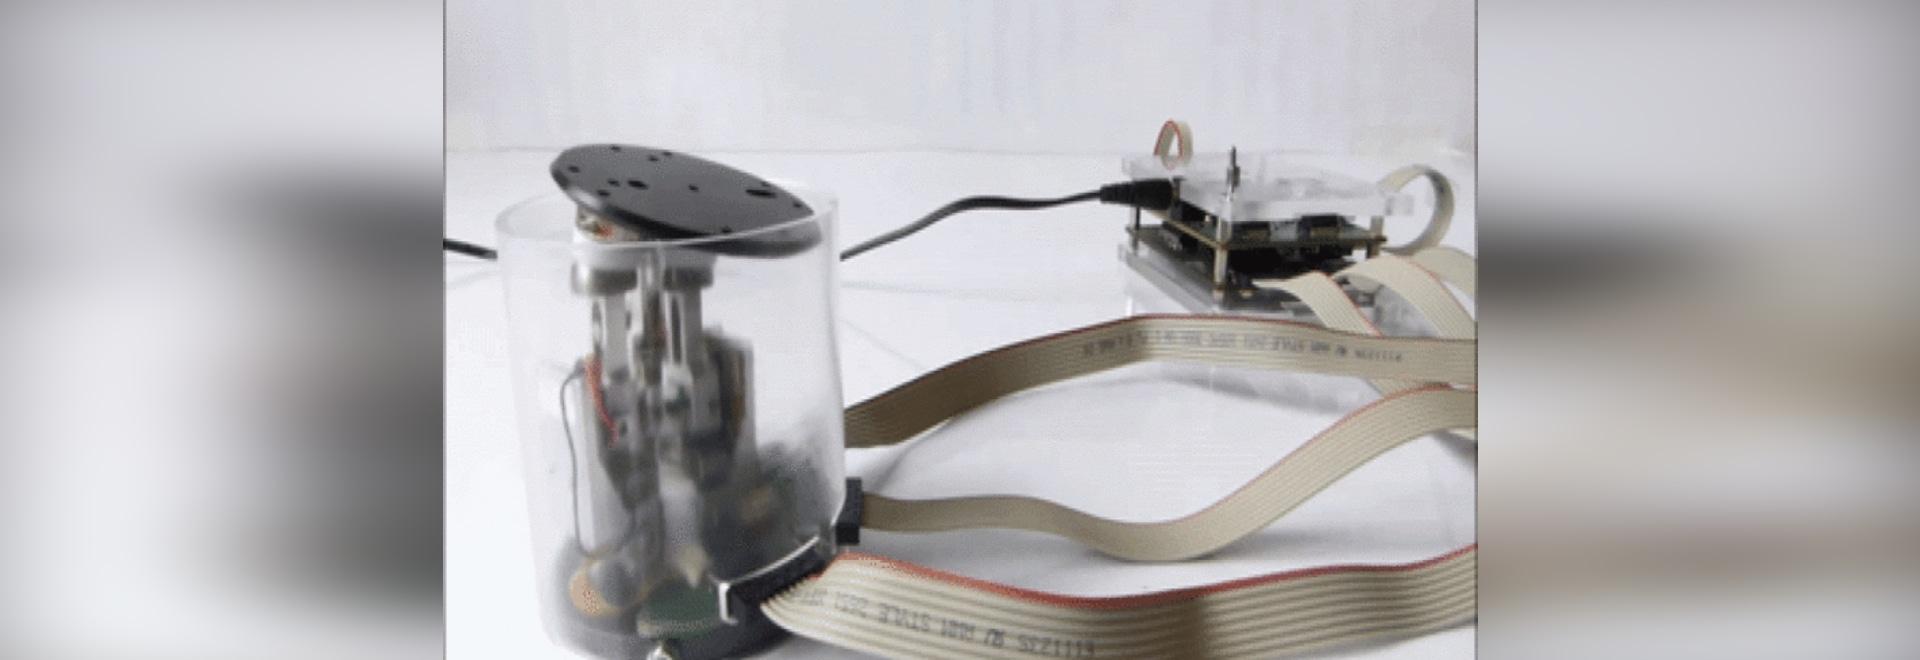 TrAC: Un actuador piezoeléctrico para el espacio exterior y los robots micro